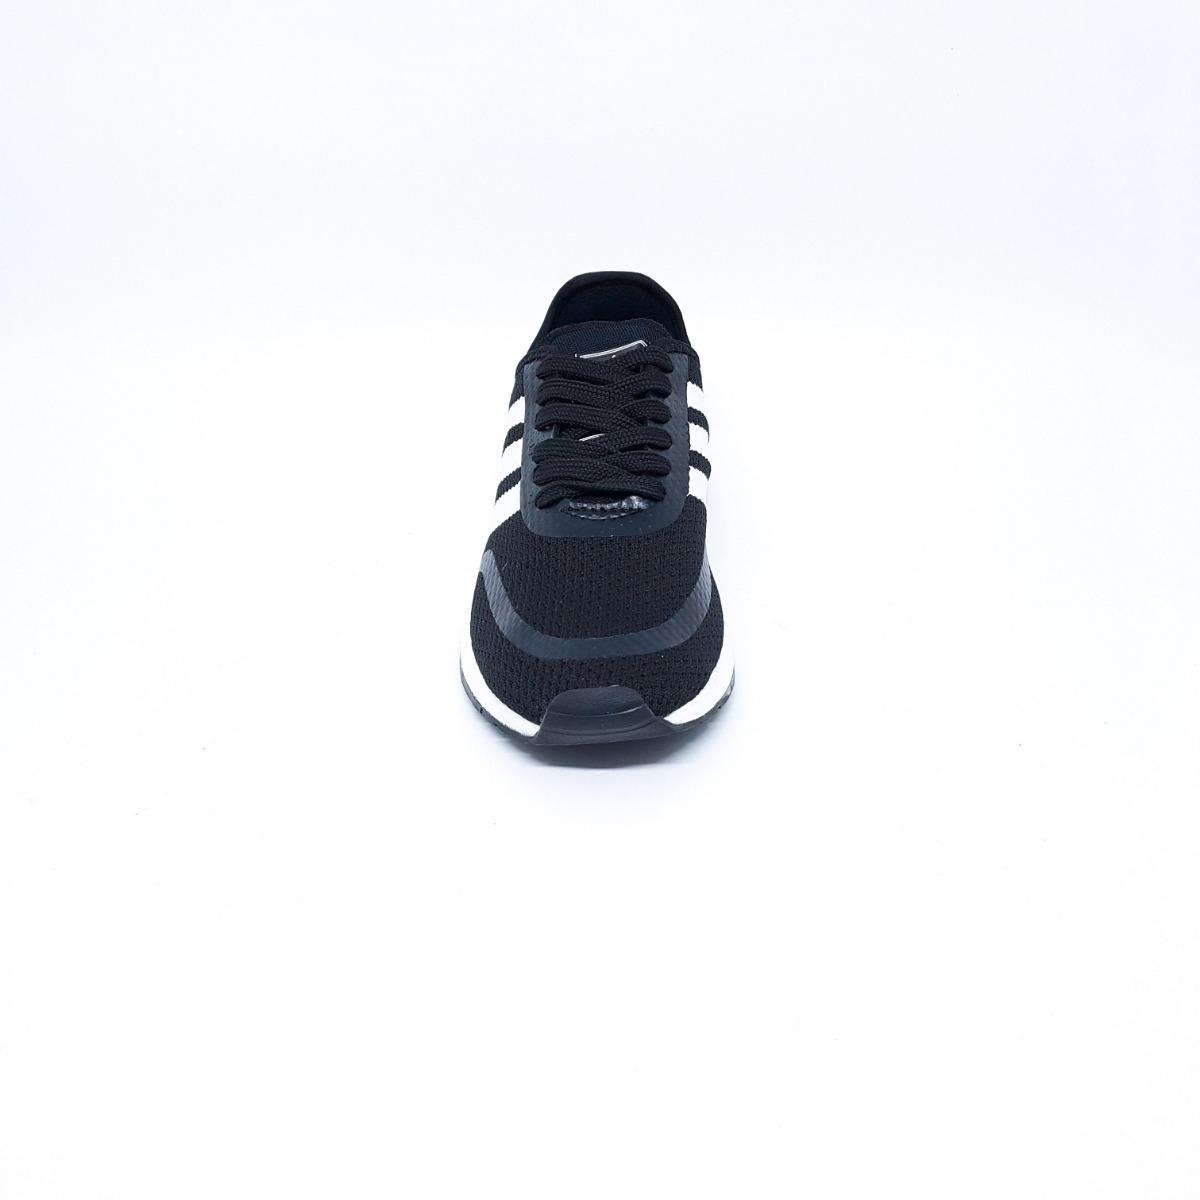 tenis adidas casual iniki i5923 runner importado com frete. Carregando zoom. adff7fd047f82